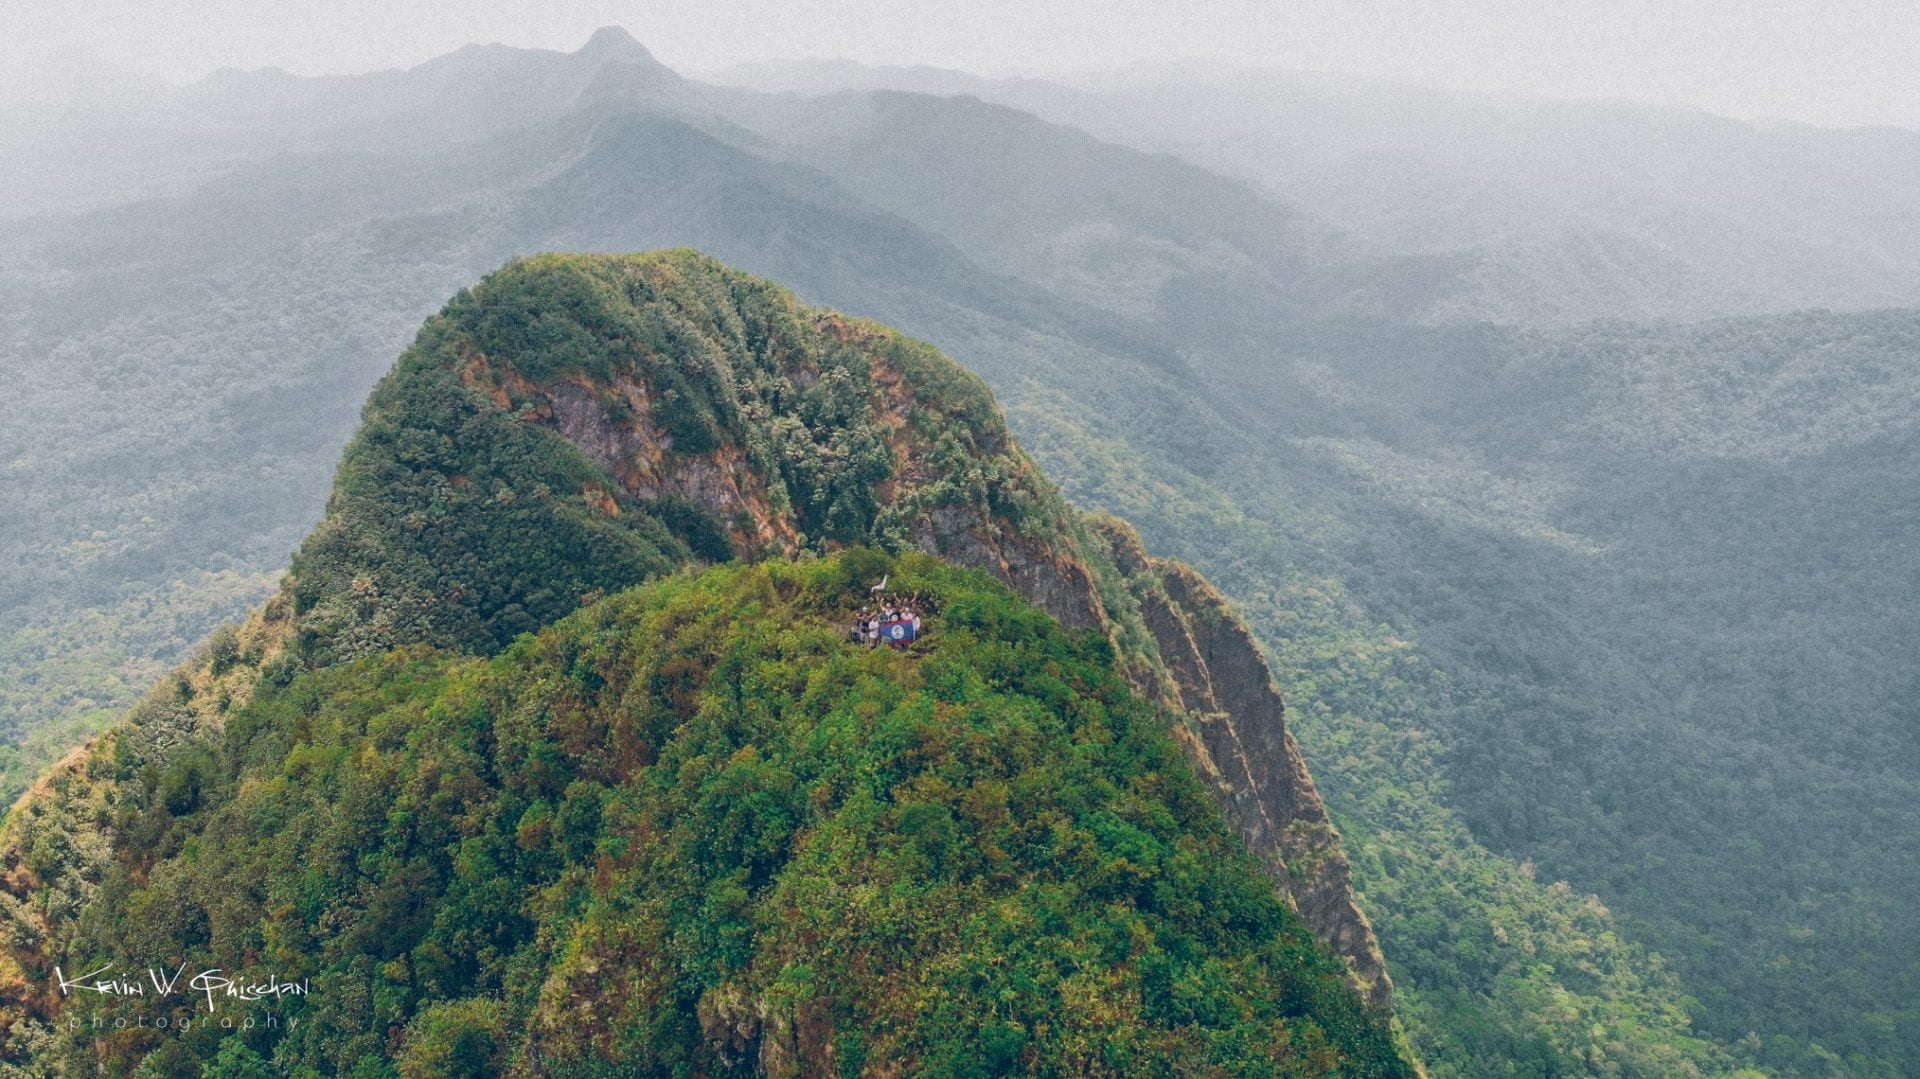 Victoria Peak natural monument